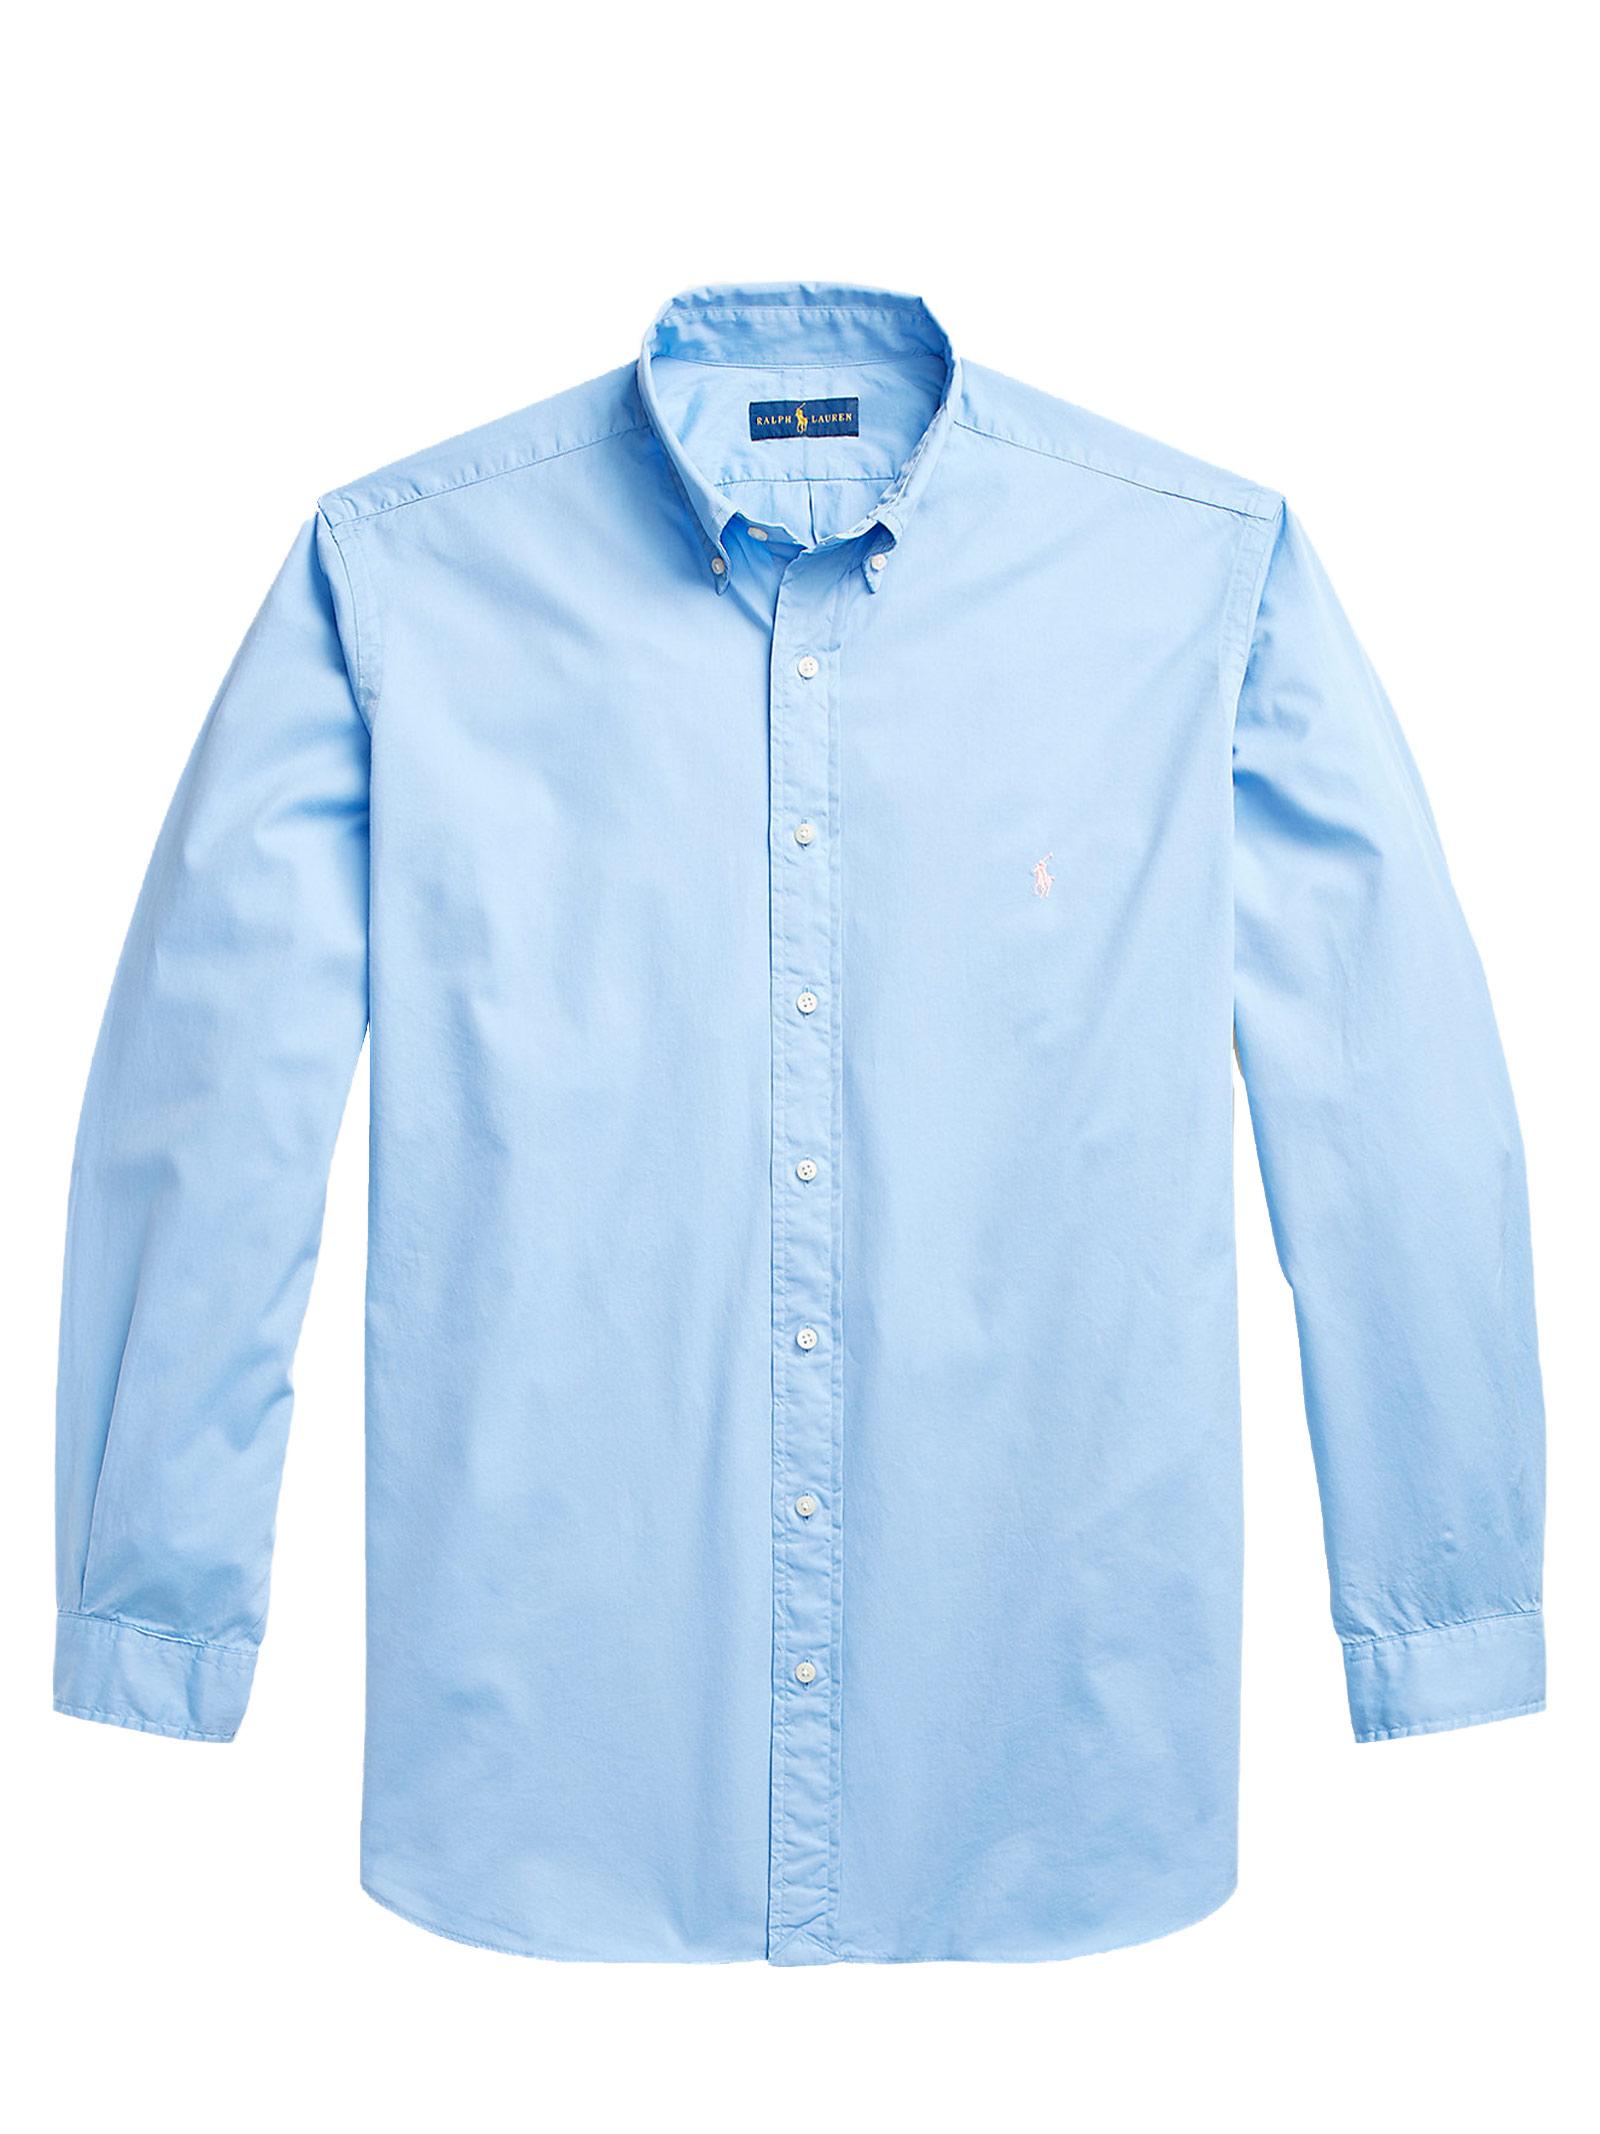 Camicia  in cotone con collo button down RALPH LAUREN | Camicia | 710-829421011